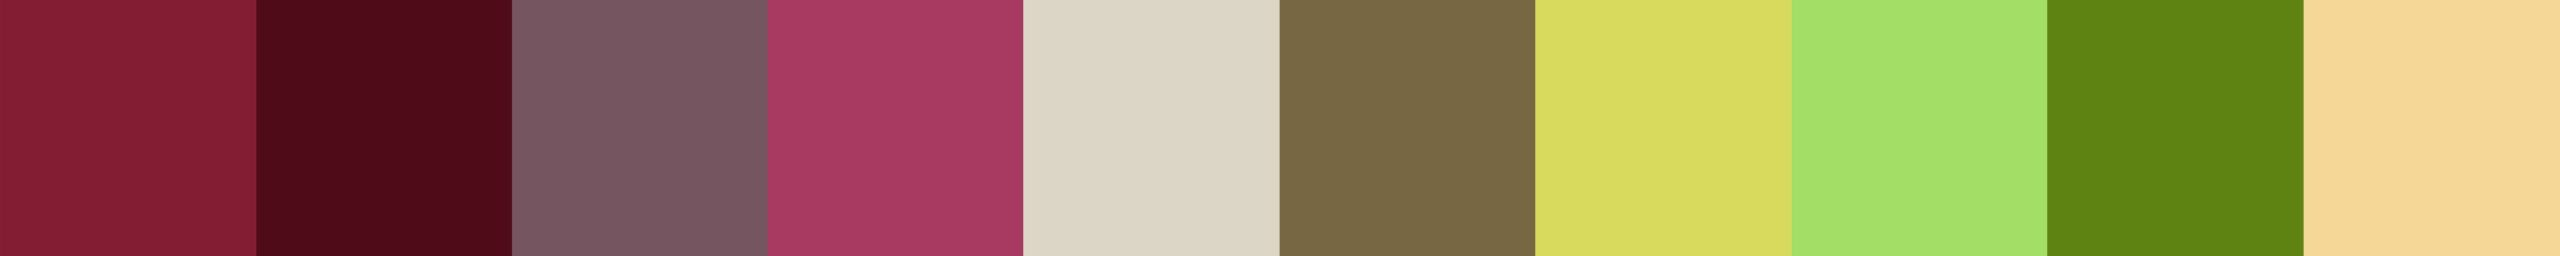 718 Lilirama Color Palette